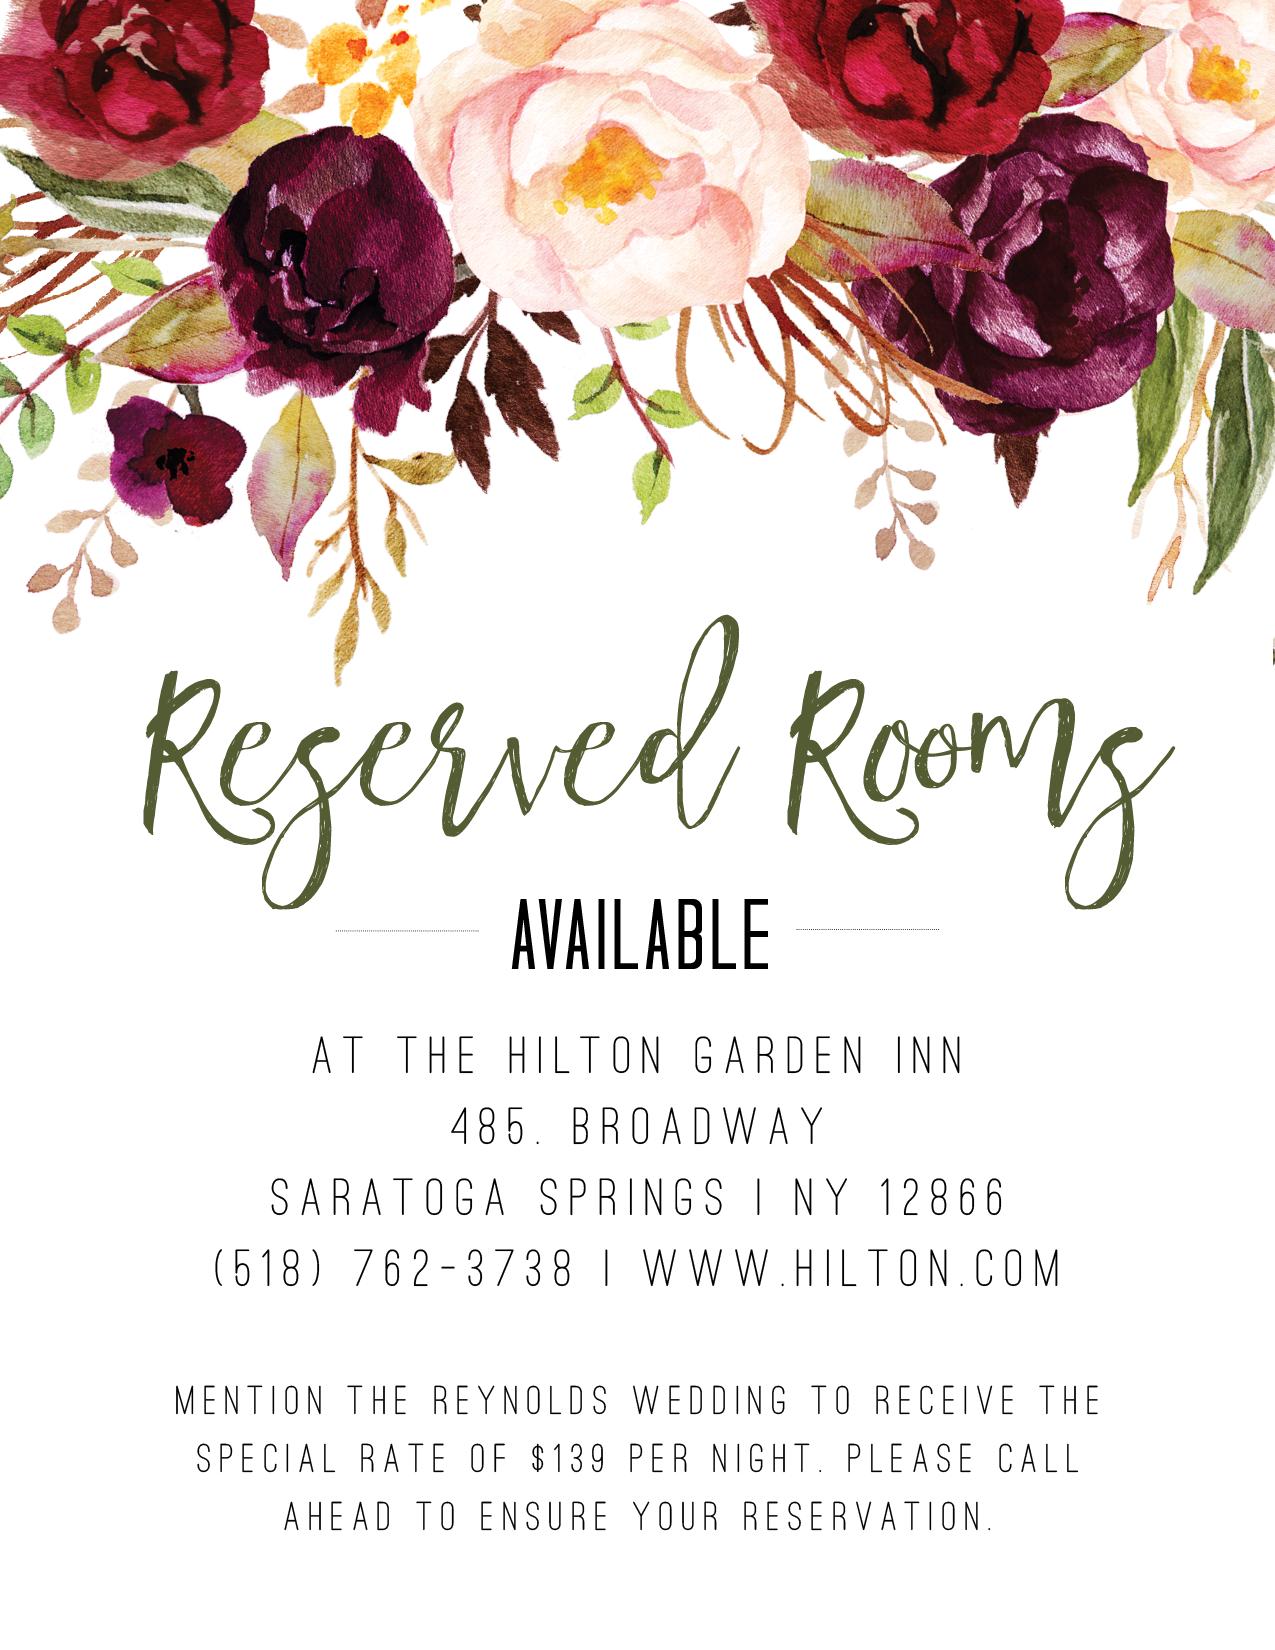 rose wedding hotel cards wedding details cards transportation